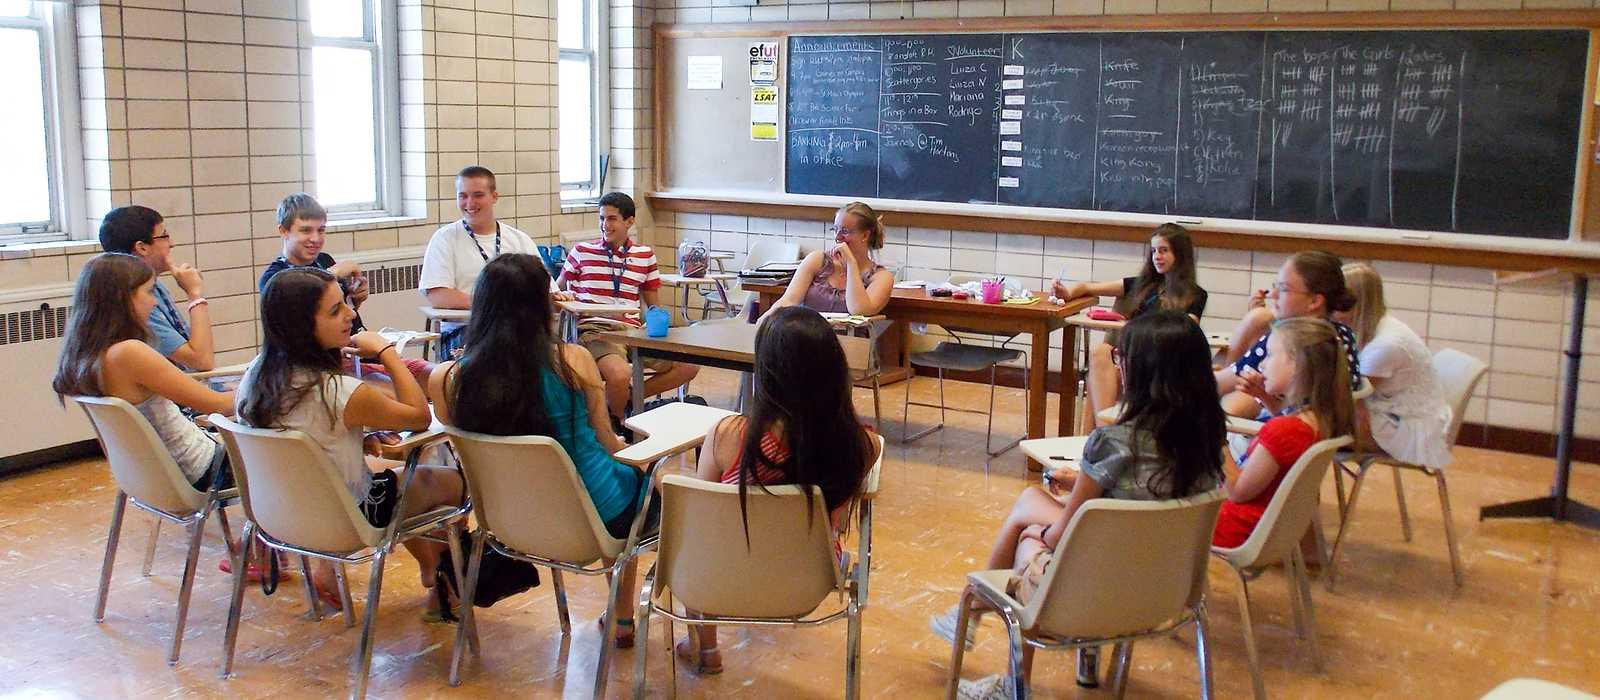 Klassenraum beim CISS Sommercamp im St. Michaels College